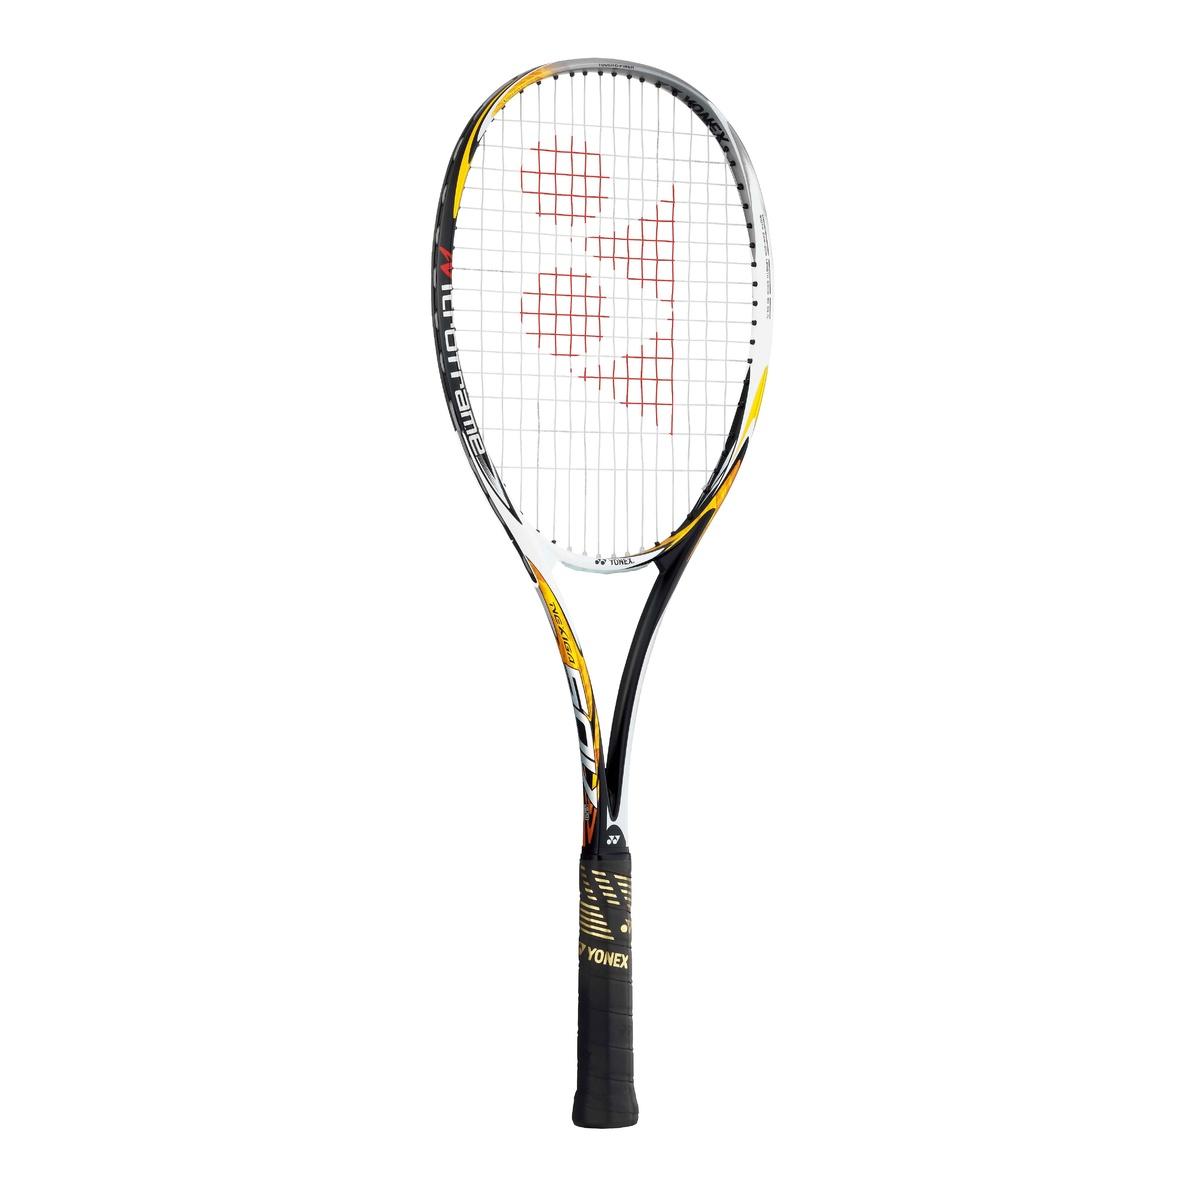 【送料無料】 YONEX (ヨネックス) 【フレームのみ】ソフトテニス フレームラケット ネクシーガ50V SHIY NXG50V